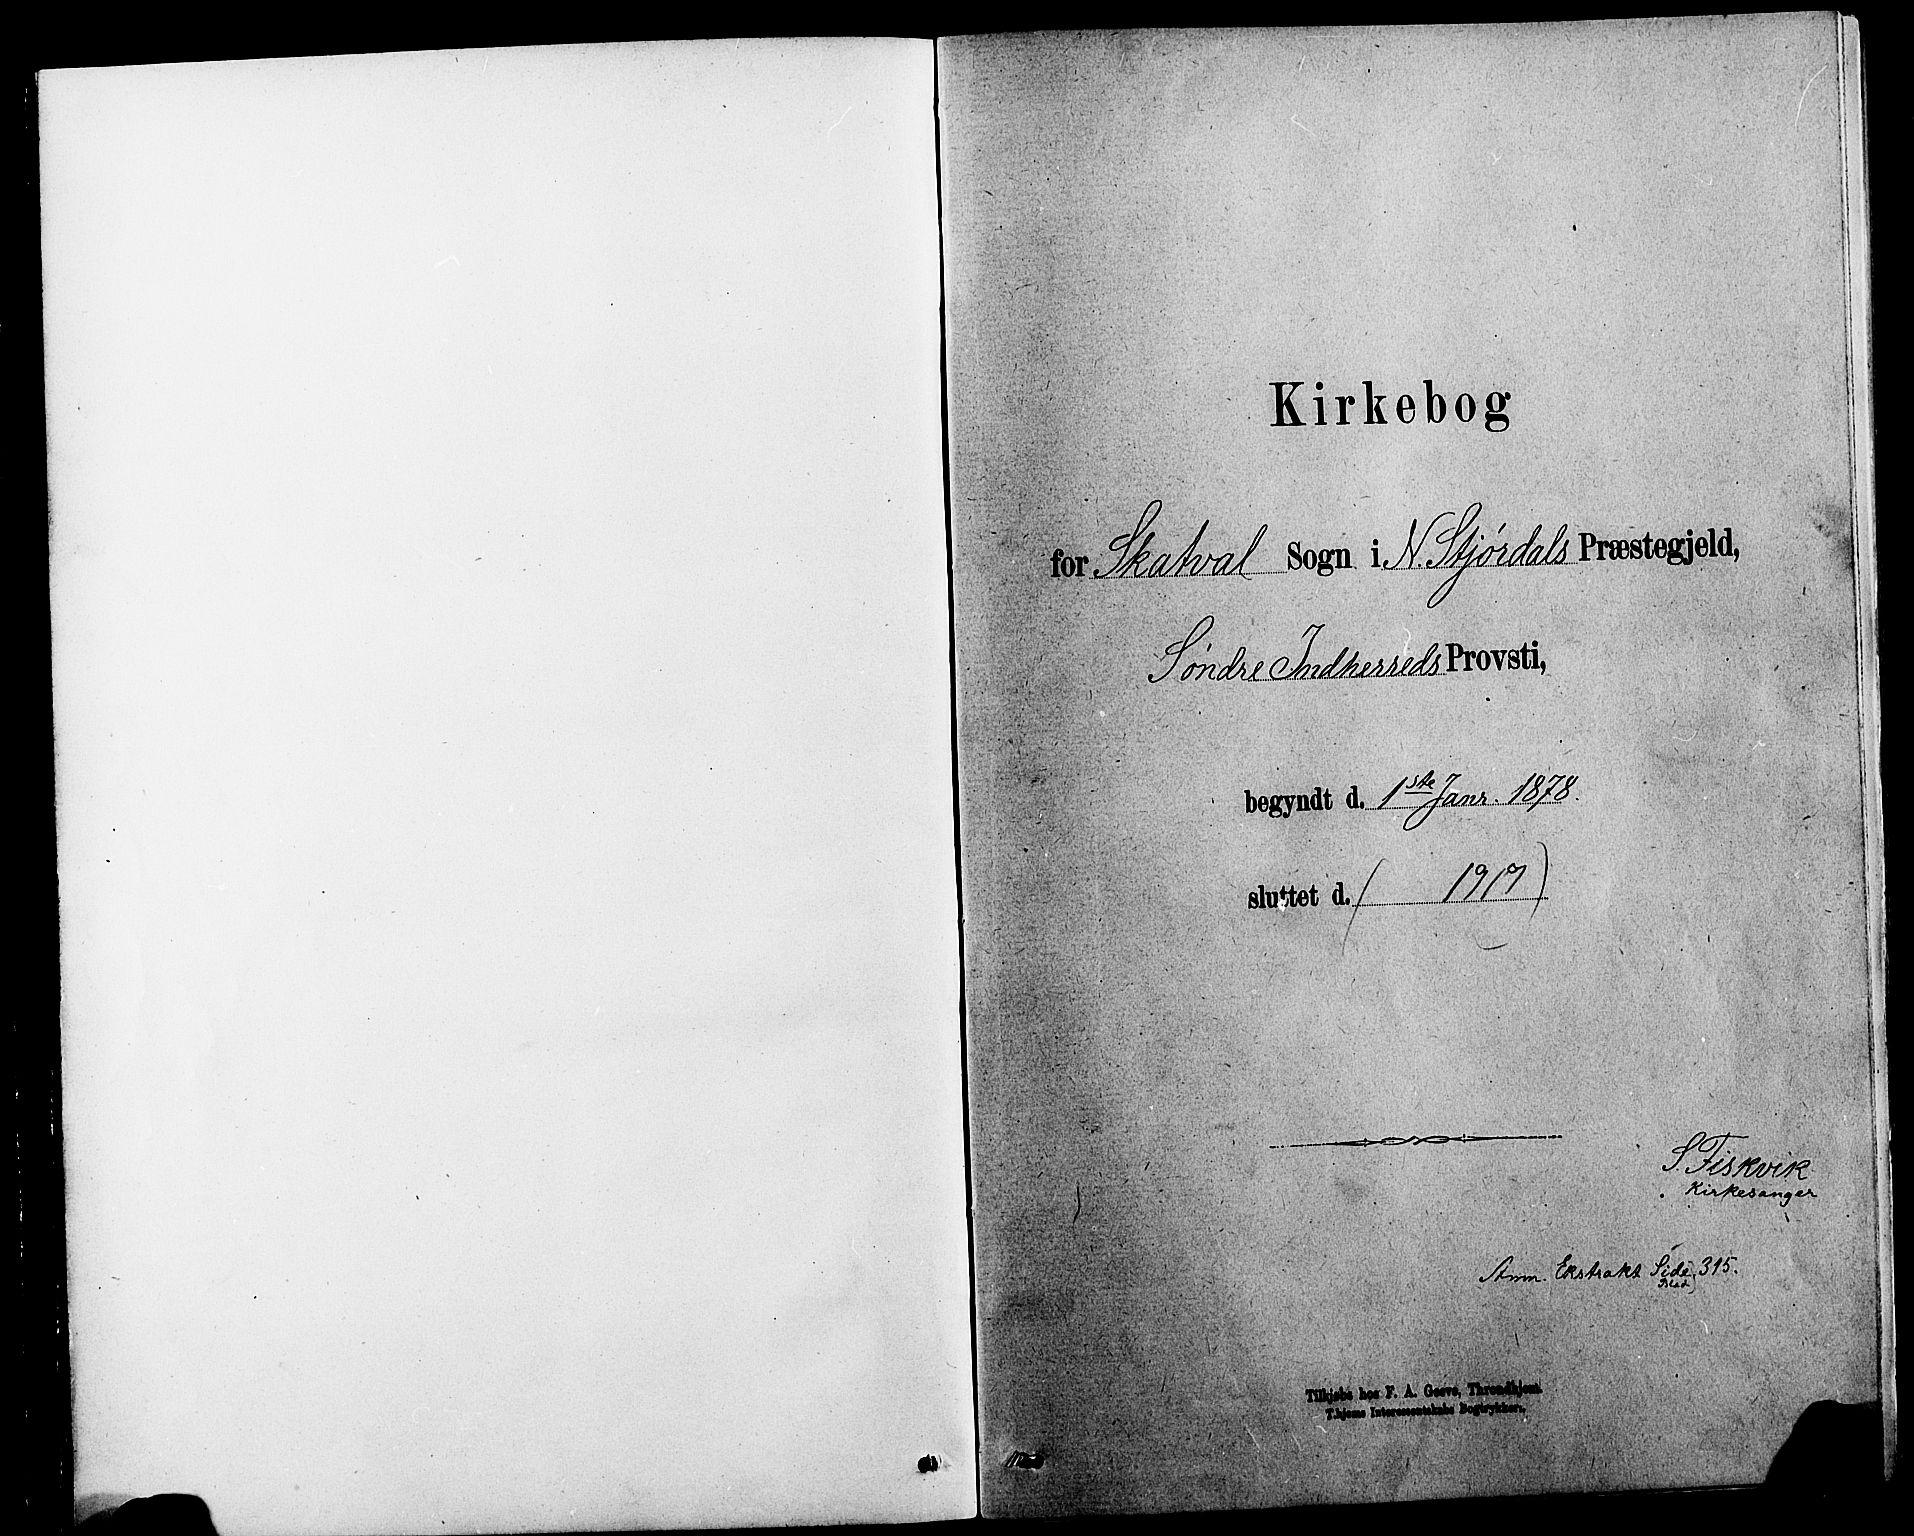 SAT, Ministerialprotokoller, klokkerbøker og fødselsregistre - Nord-Trøndelag, 712/L0103: Klokkerbok nr. 712C01, 1878-1917